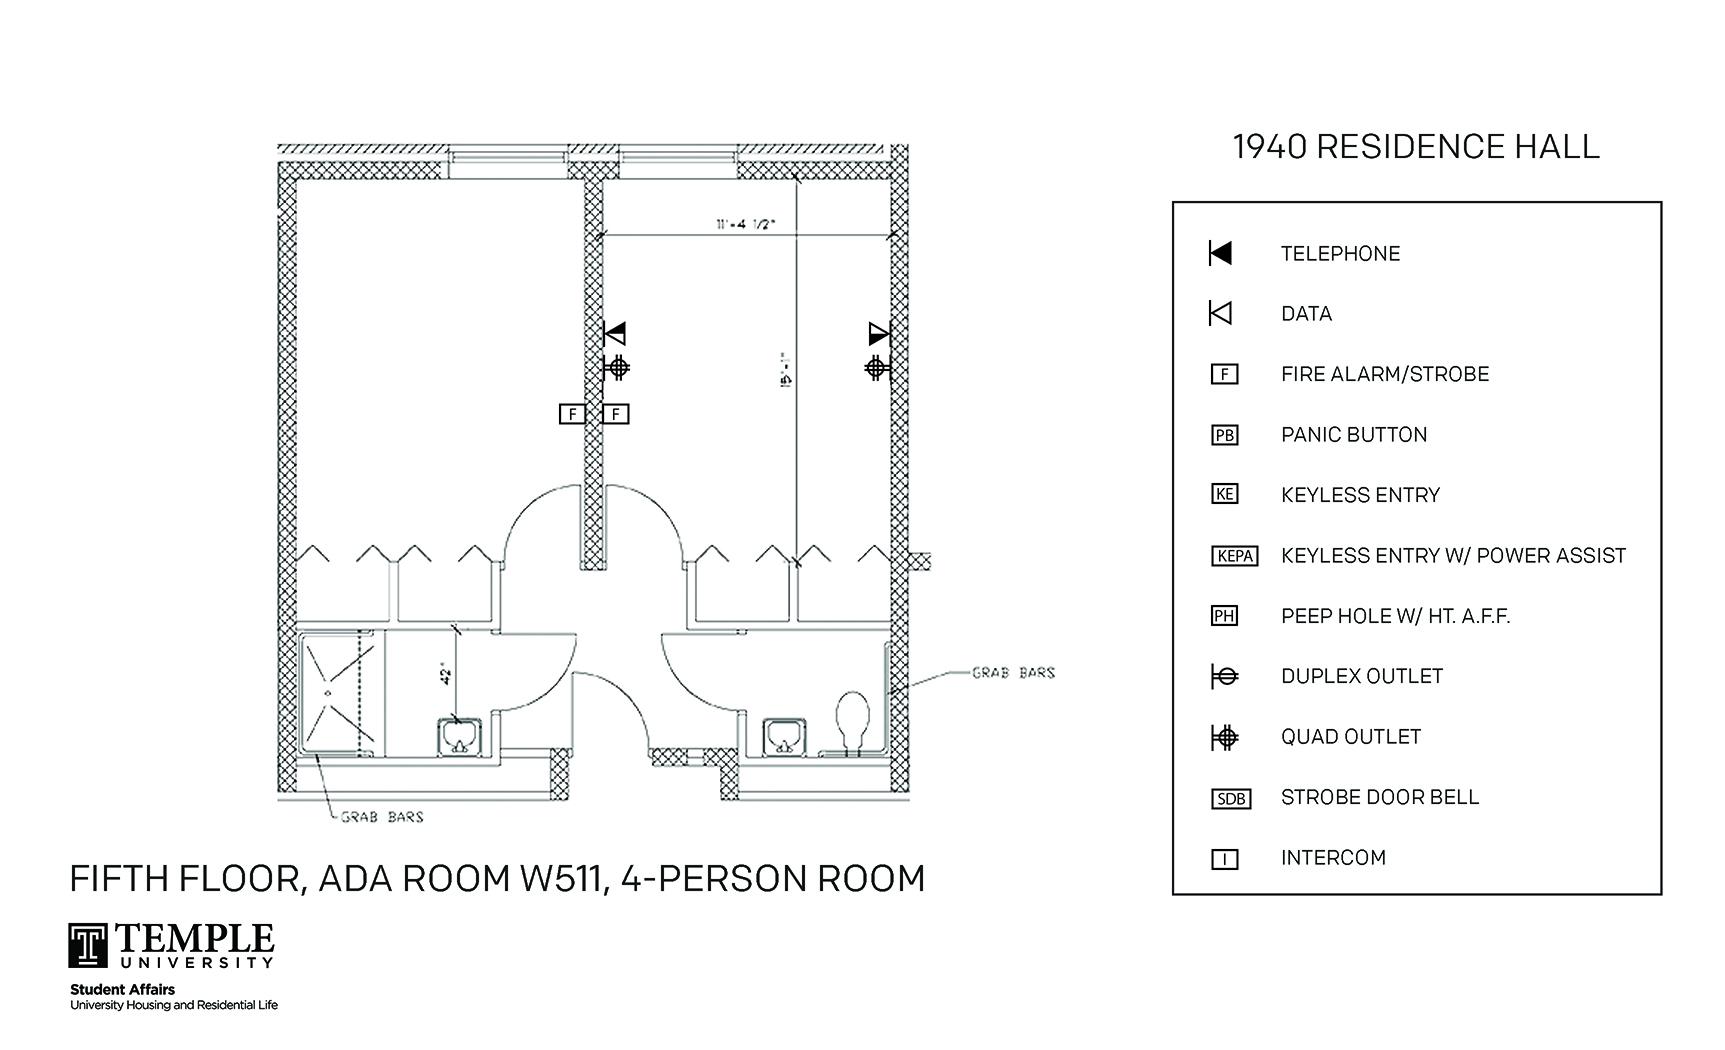 Accessible Room Diagrams: 4 person, 2 bedroom Suite - W511